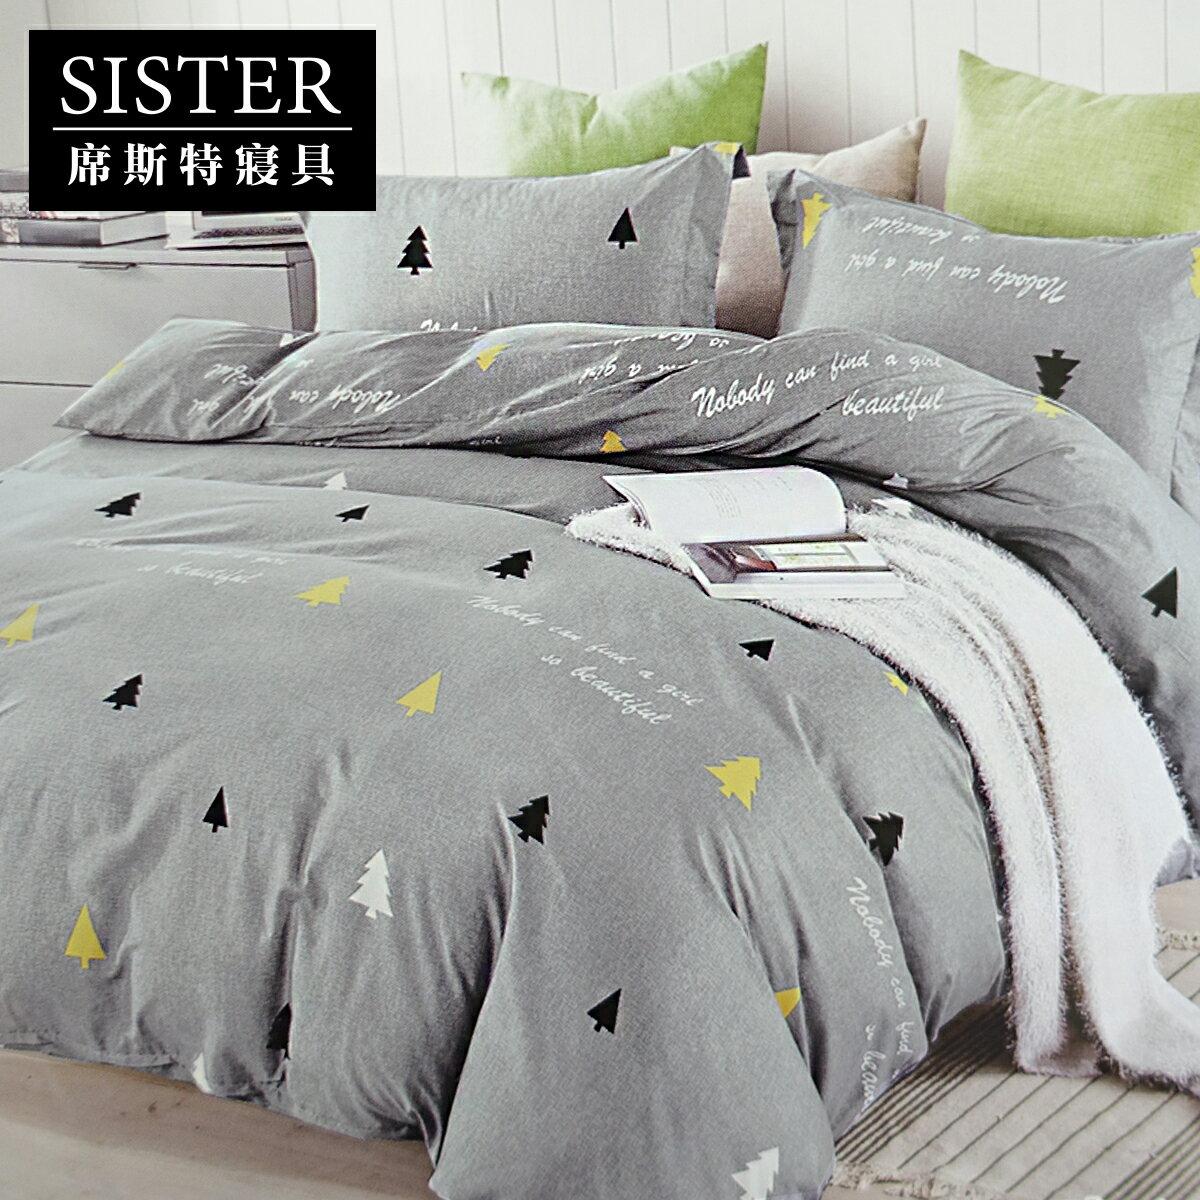 【SISTER席斯特】迷霧森林 床包枕套三件組-雙人